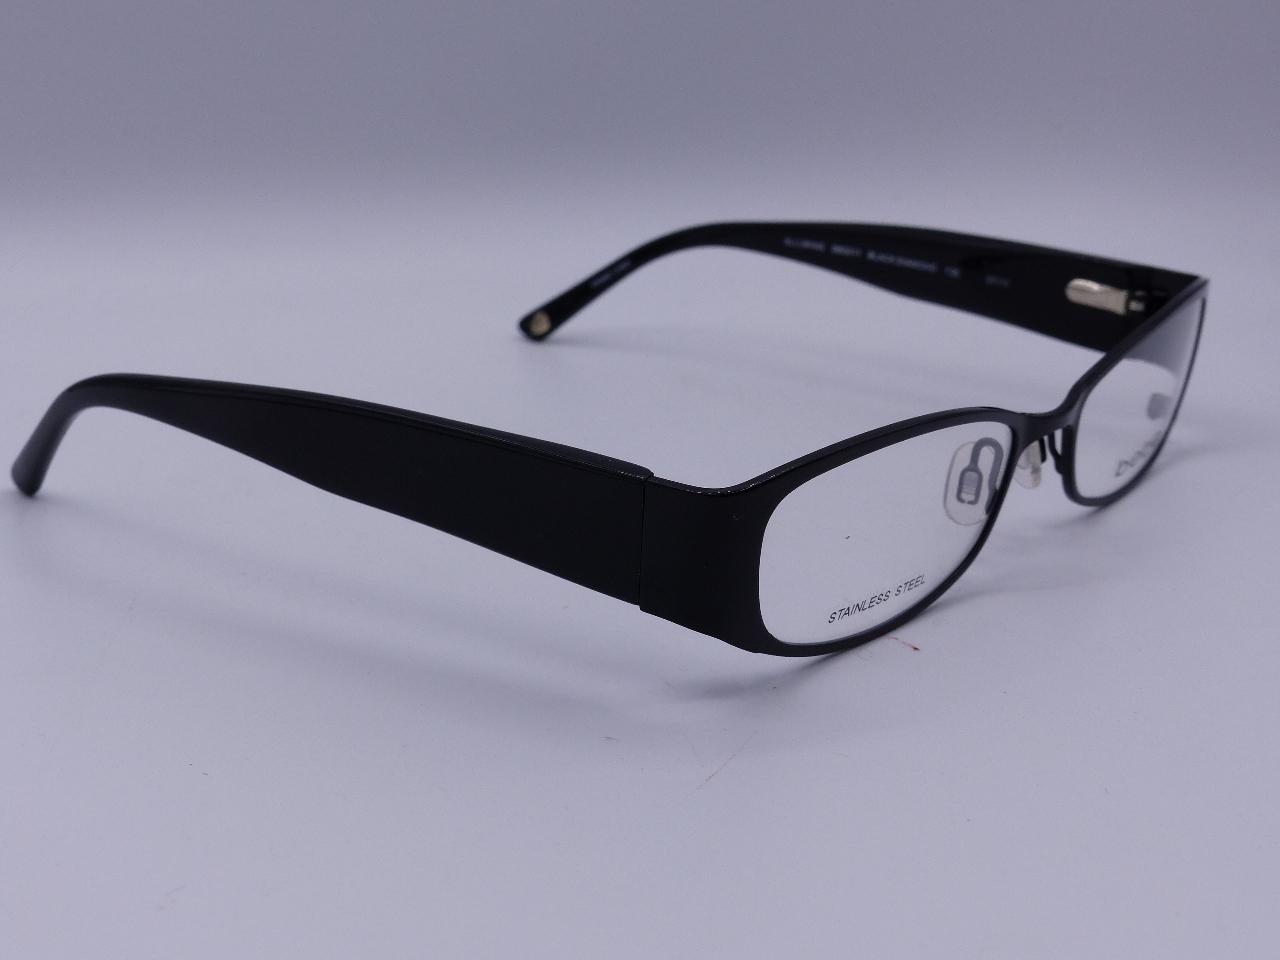 b354dc9e6c7 Bebe Bb5011 Black Eyegles Frames Stainless Steel 001 53 18 135